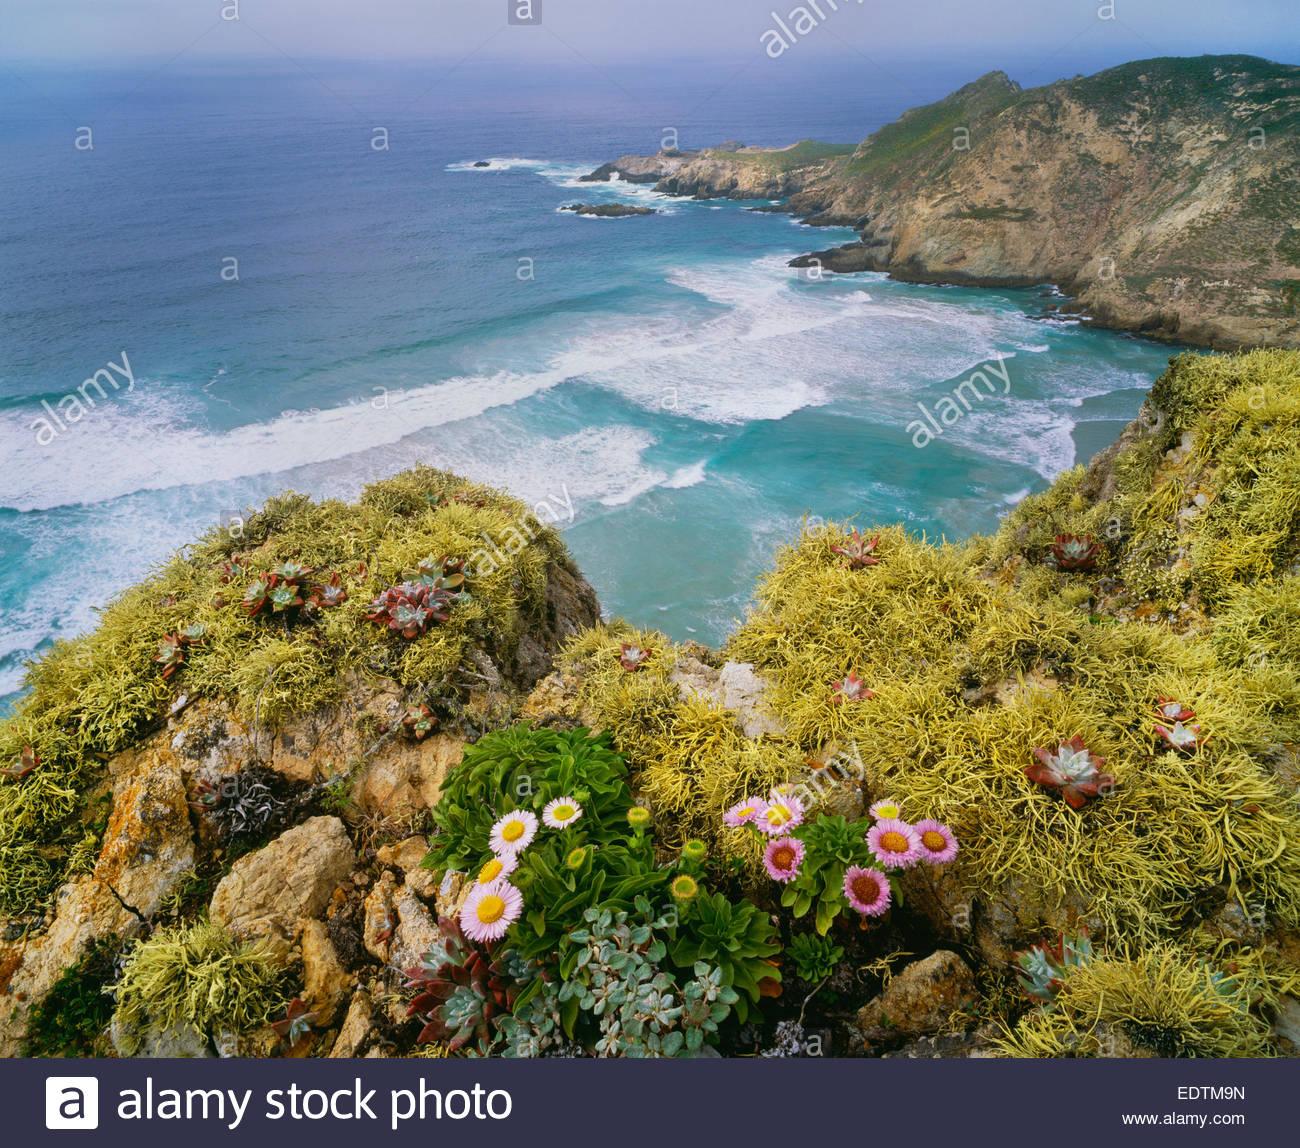 Harris punto costero con margaritas y líquenes. La Isla San Miguel. Islas del Canal National Park, California Imagen De Stock